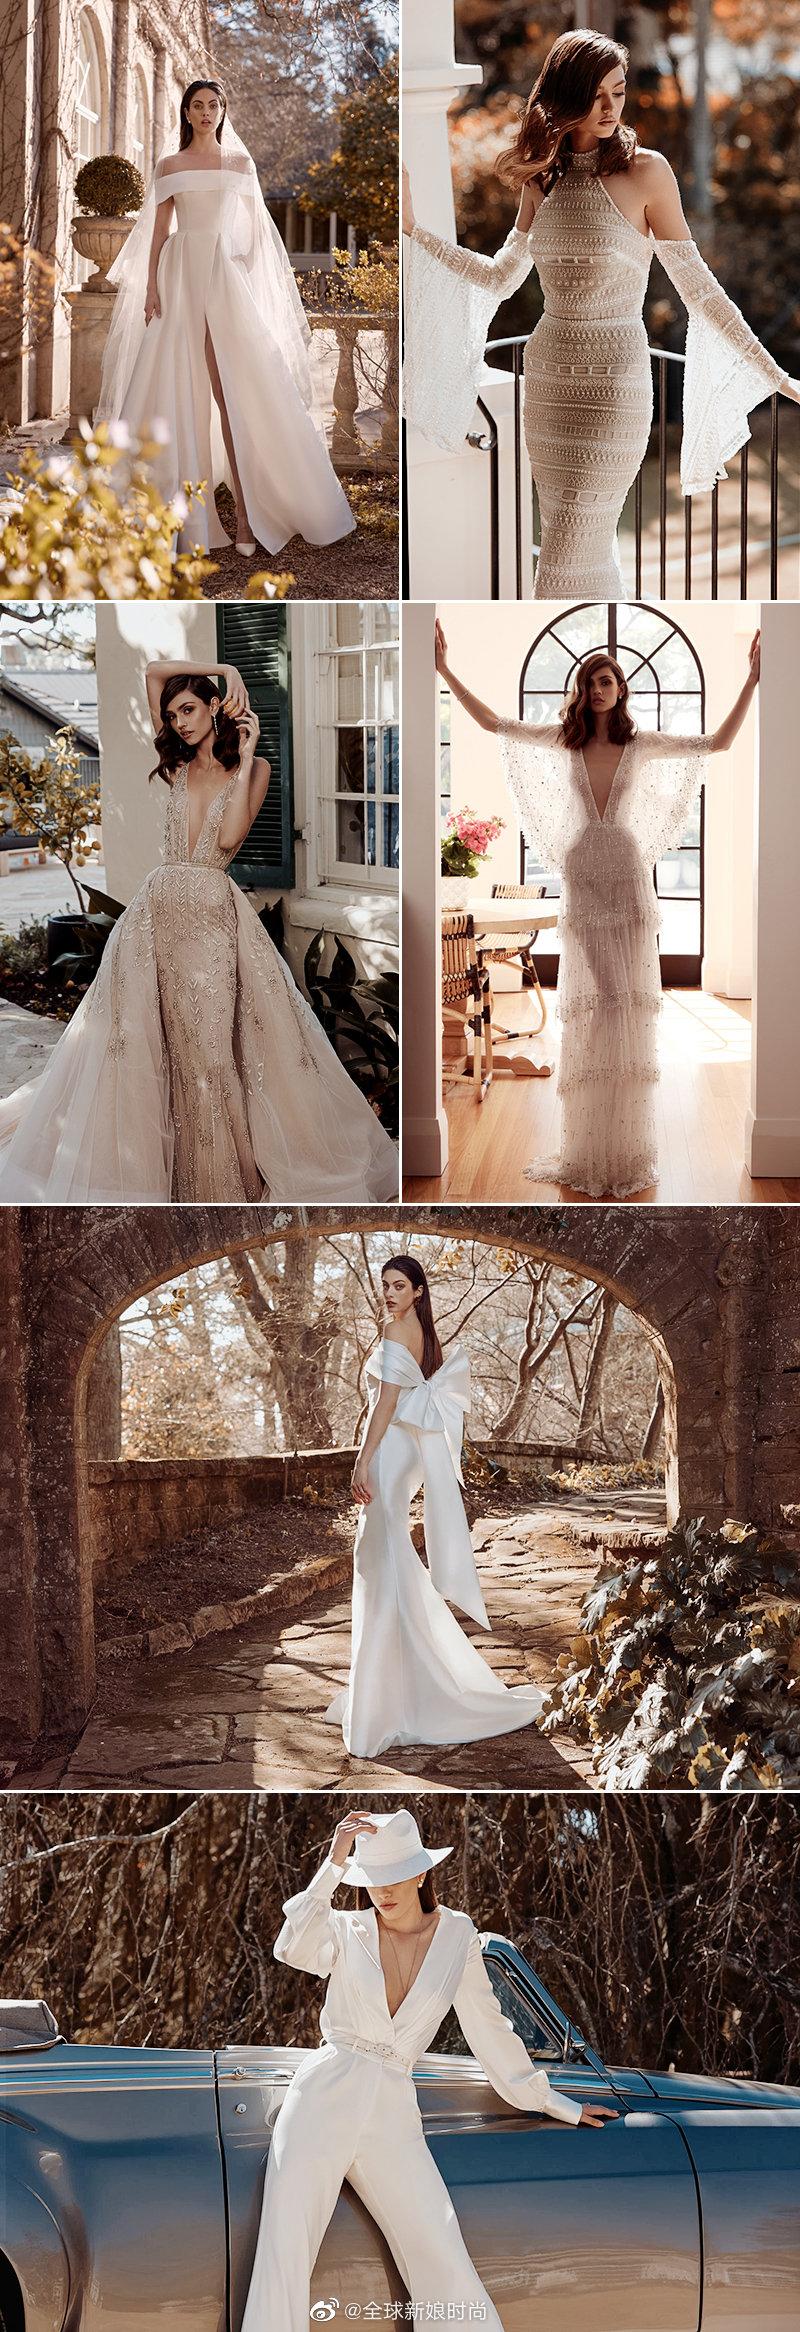 结合优雅与狂野的知性婚纱